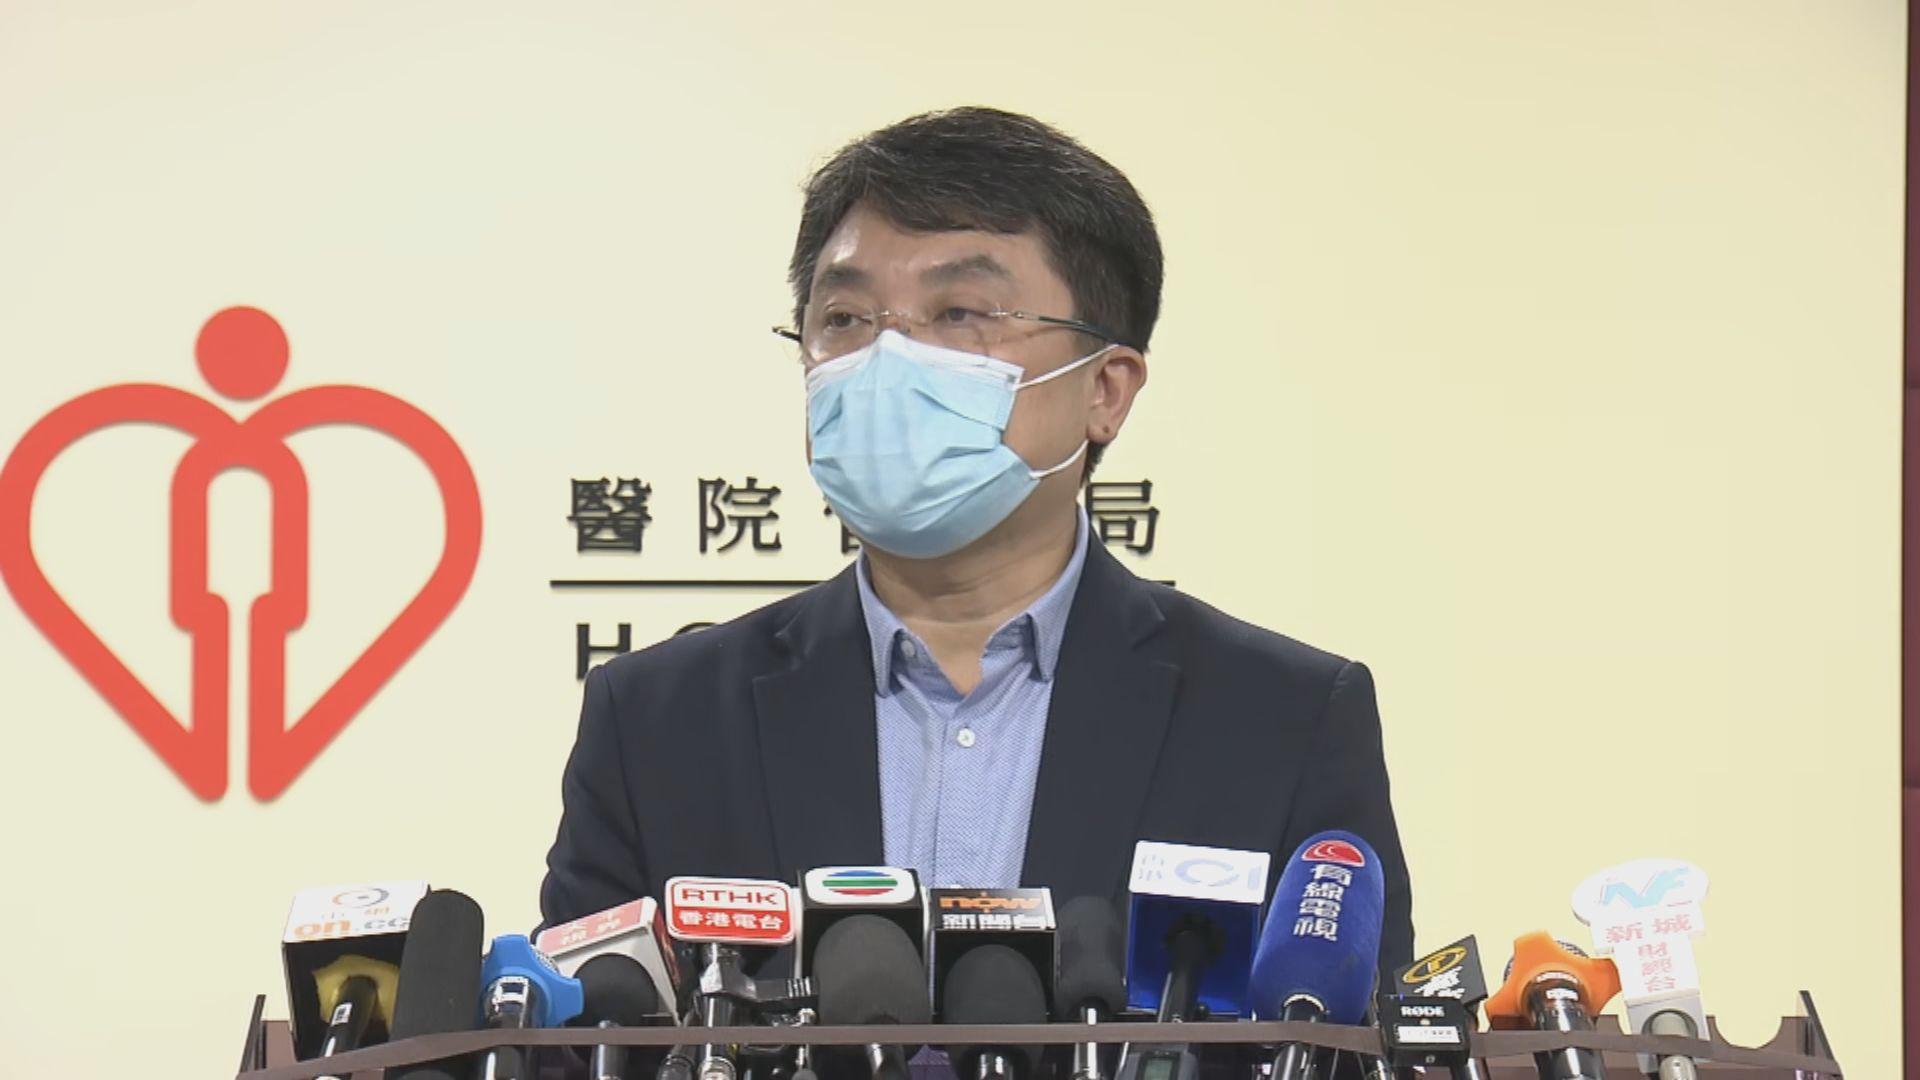 醫管局:約4400名醫護人員缺勤